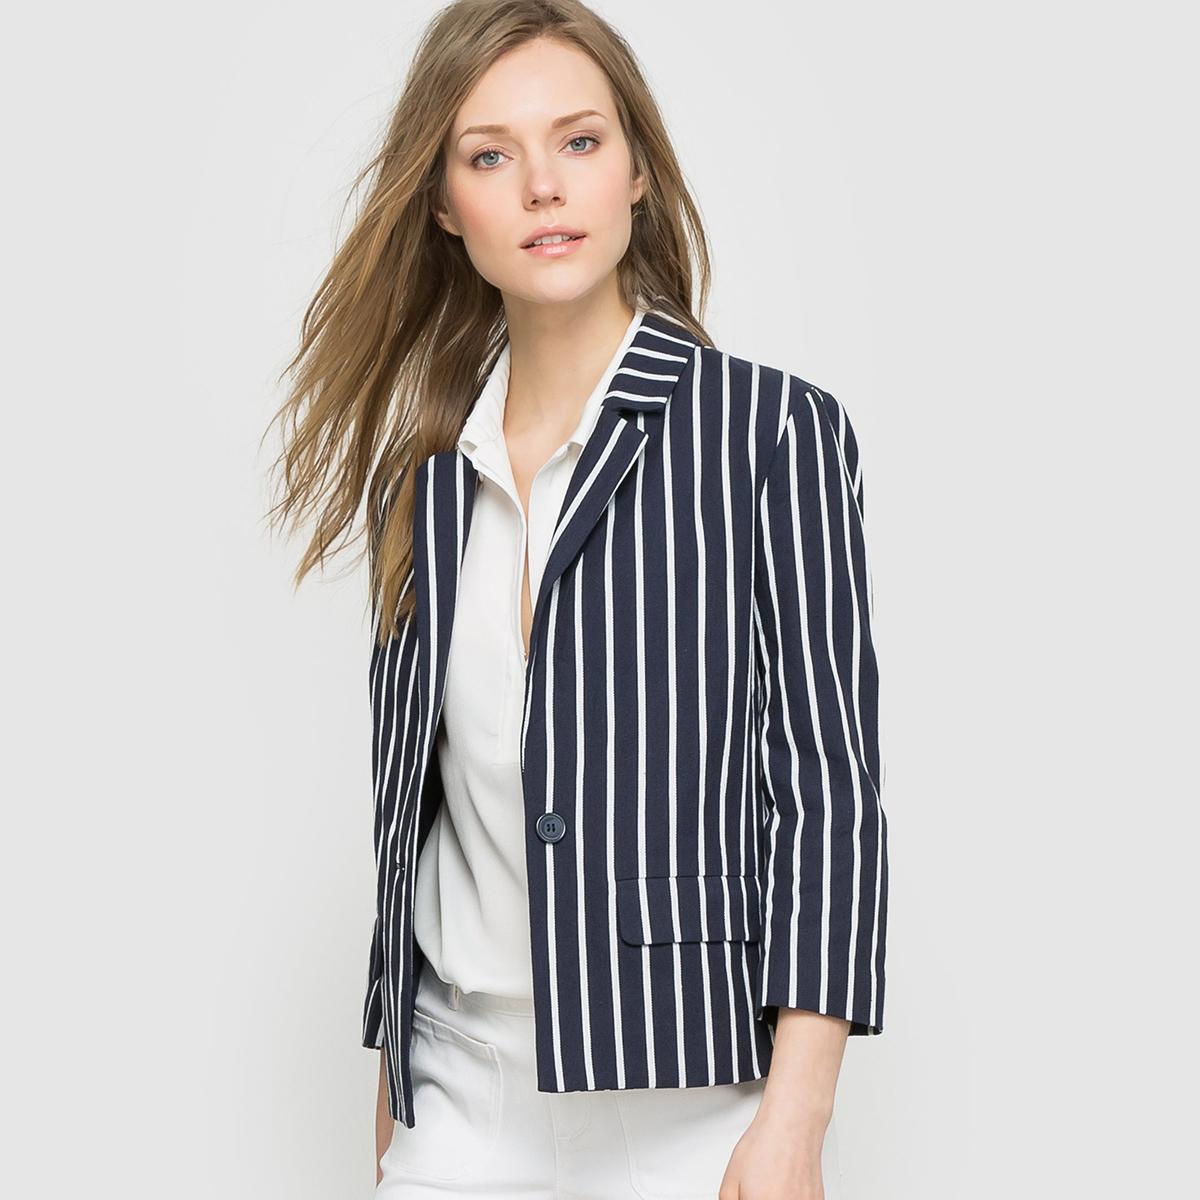 Удлиненный женский пиджак (83 фото) - Just clothes | 1200x1200